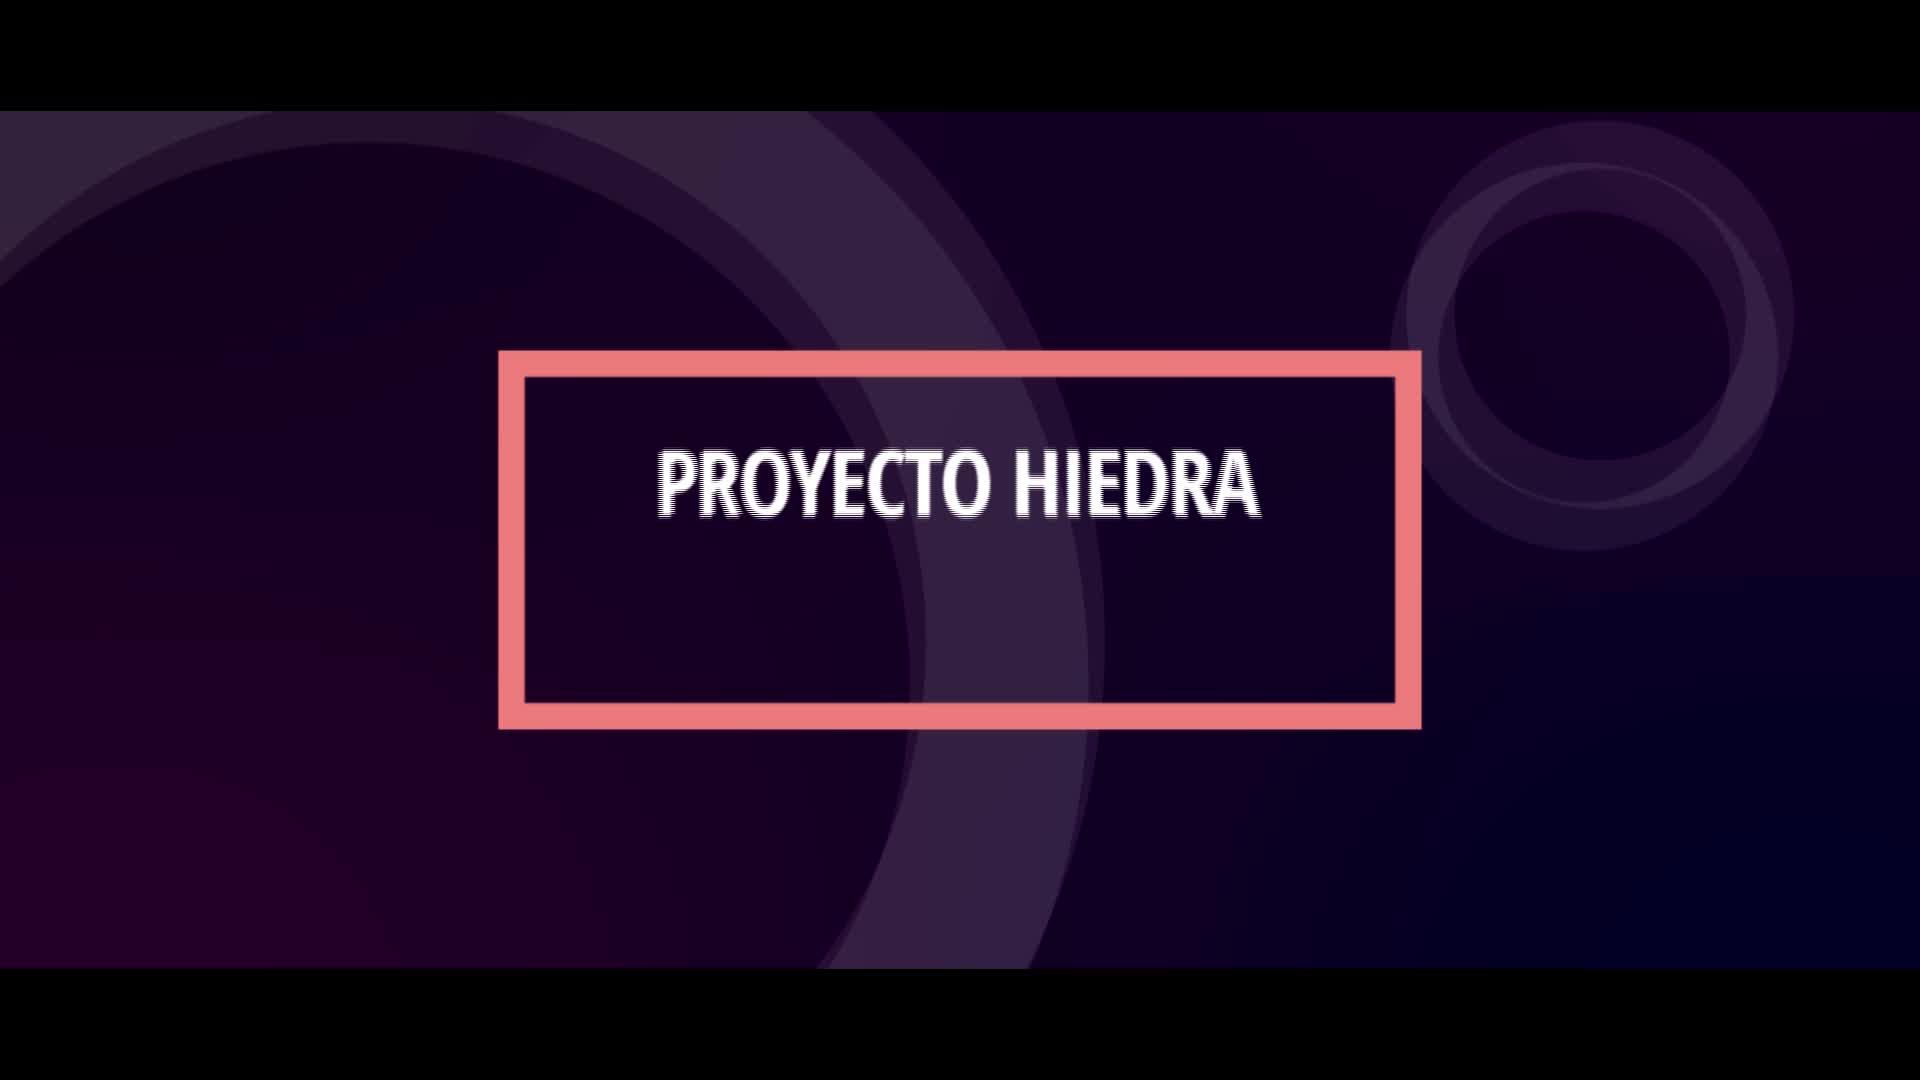 Hiedra: Proyectos y Servicios de Asociación Domitila }}